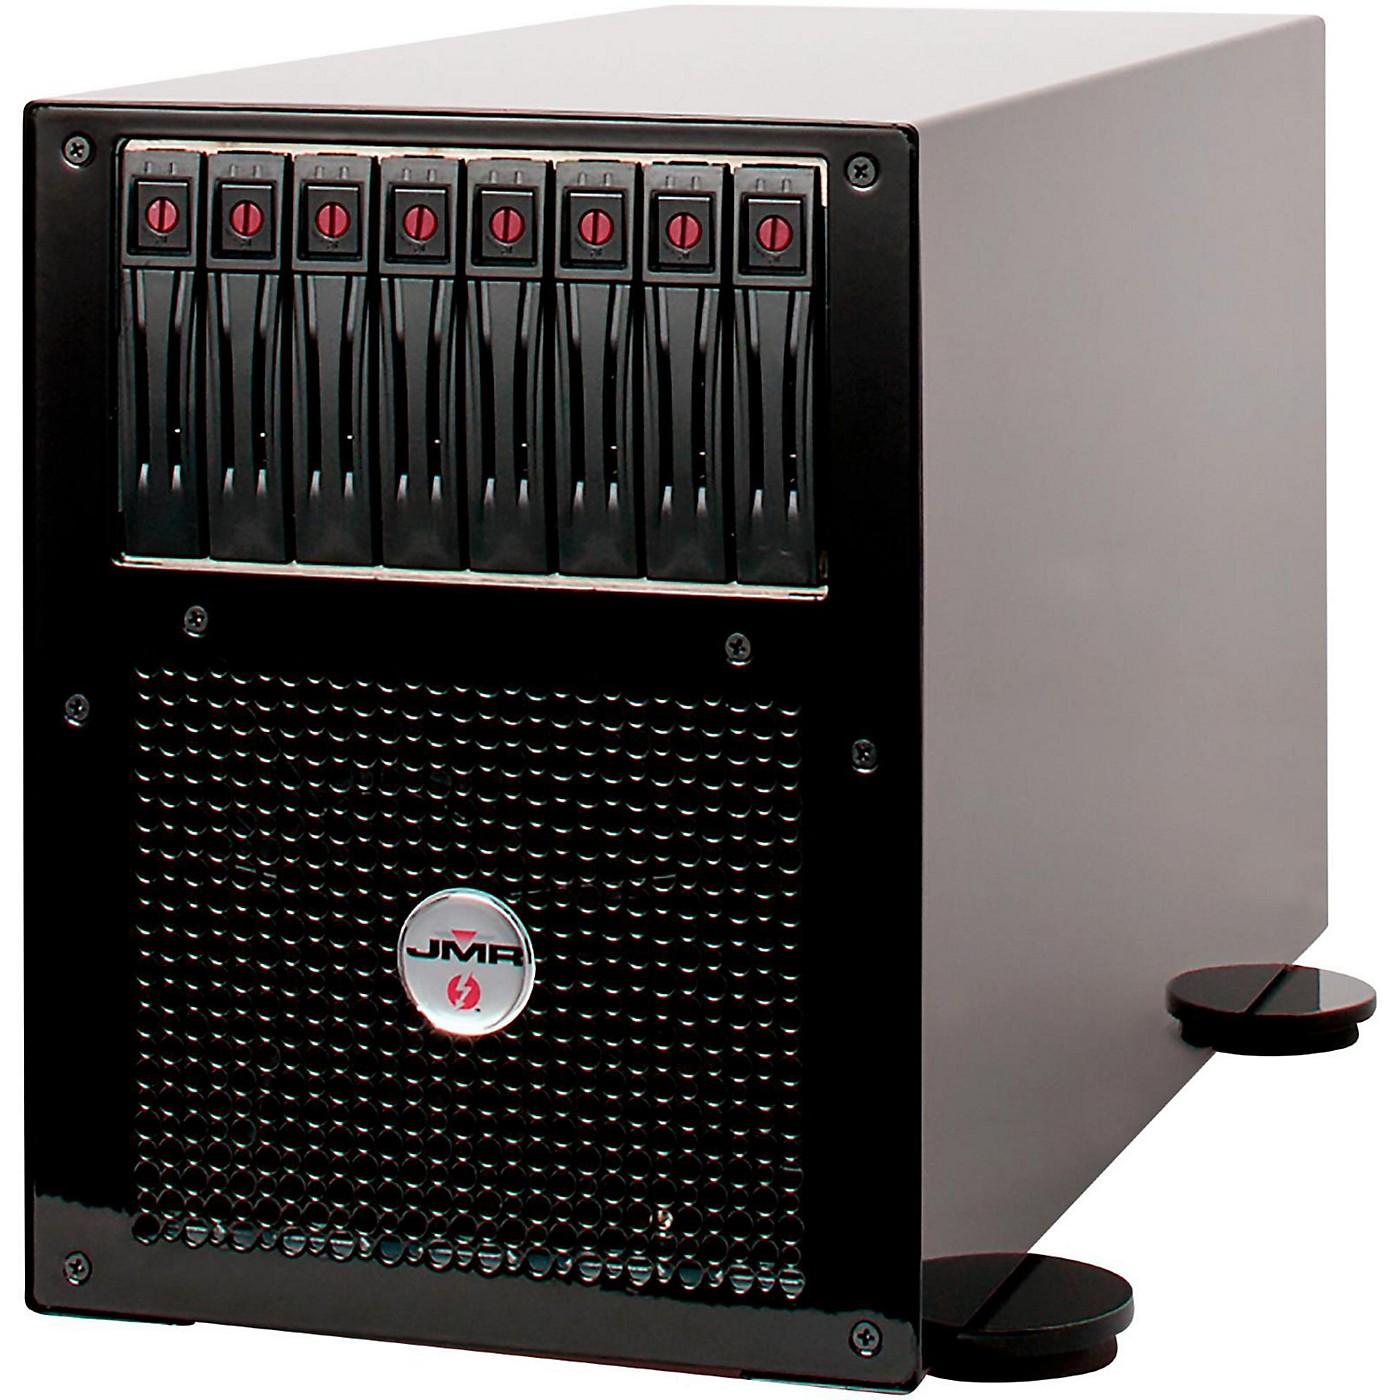 JMR Electronics Thunderbolt 4-Slot PCIe Expander thumbnail